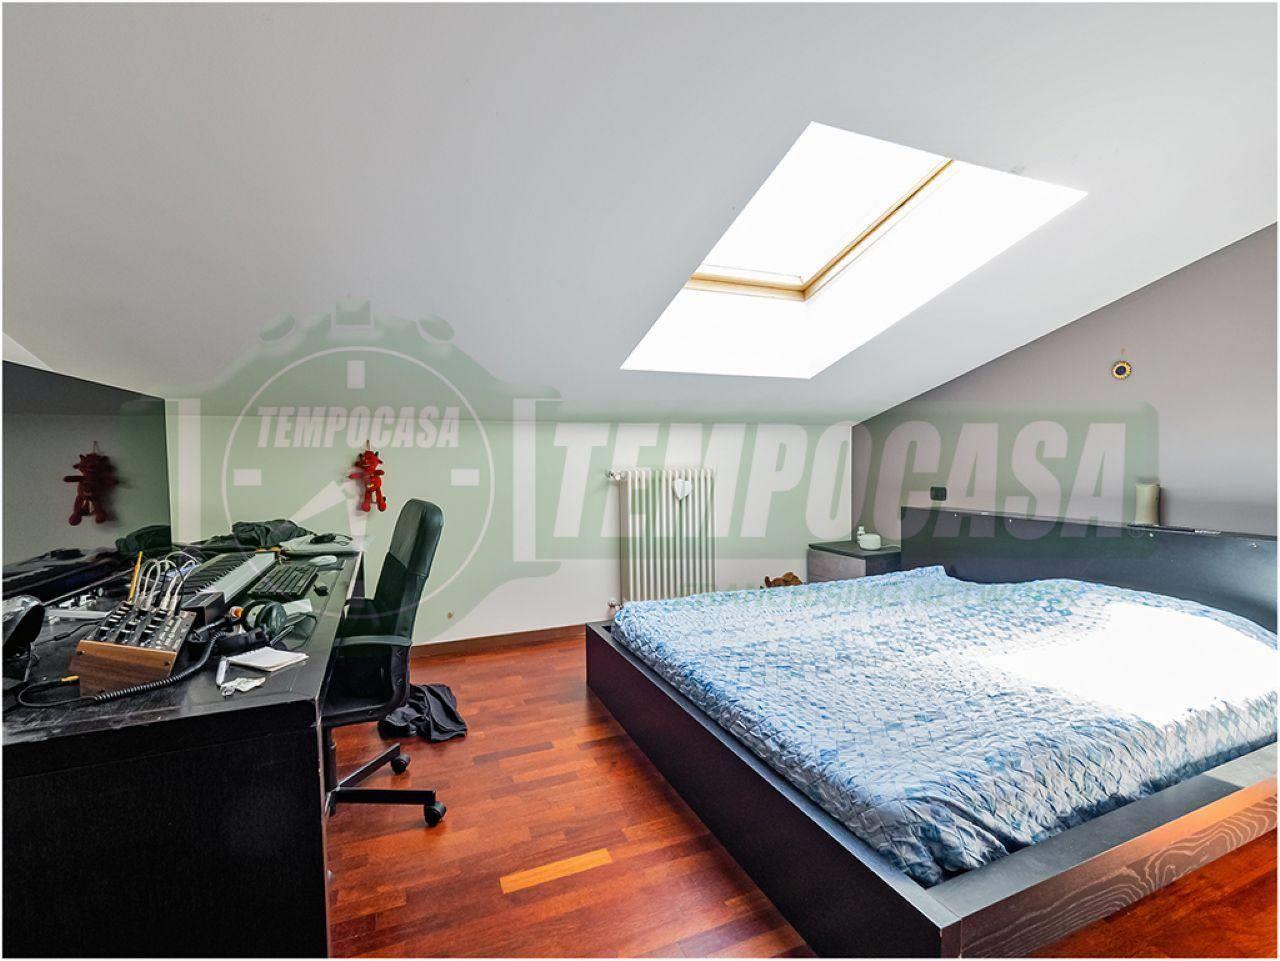 Foto 19 - Appartamento in Vendita - Cesano Maderno (Monza e Brianza)